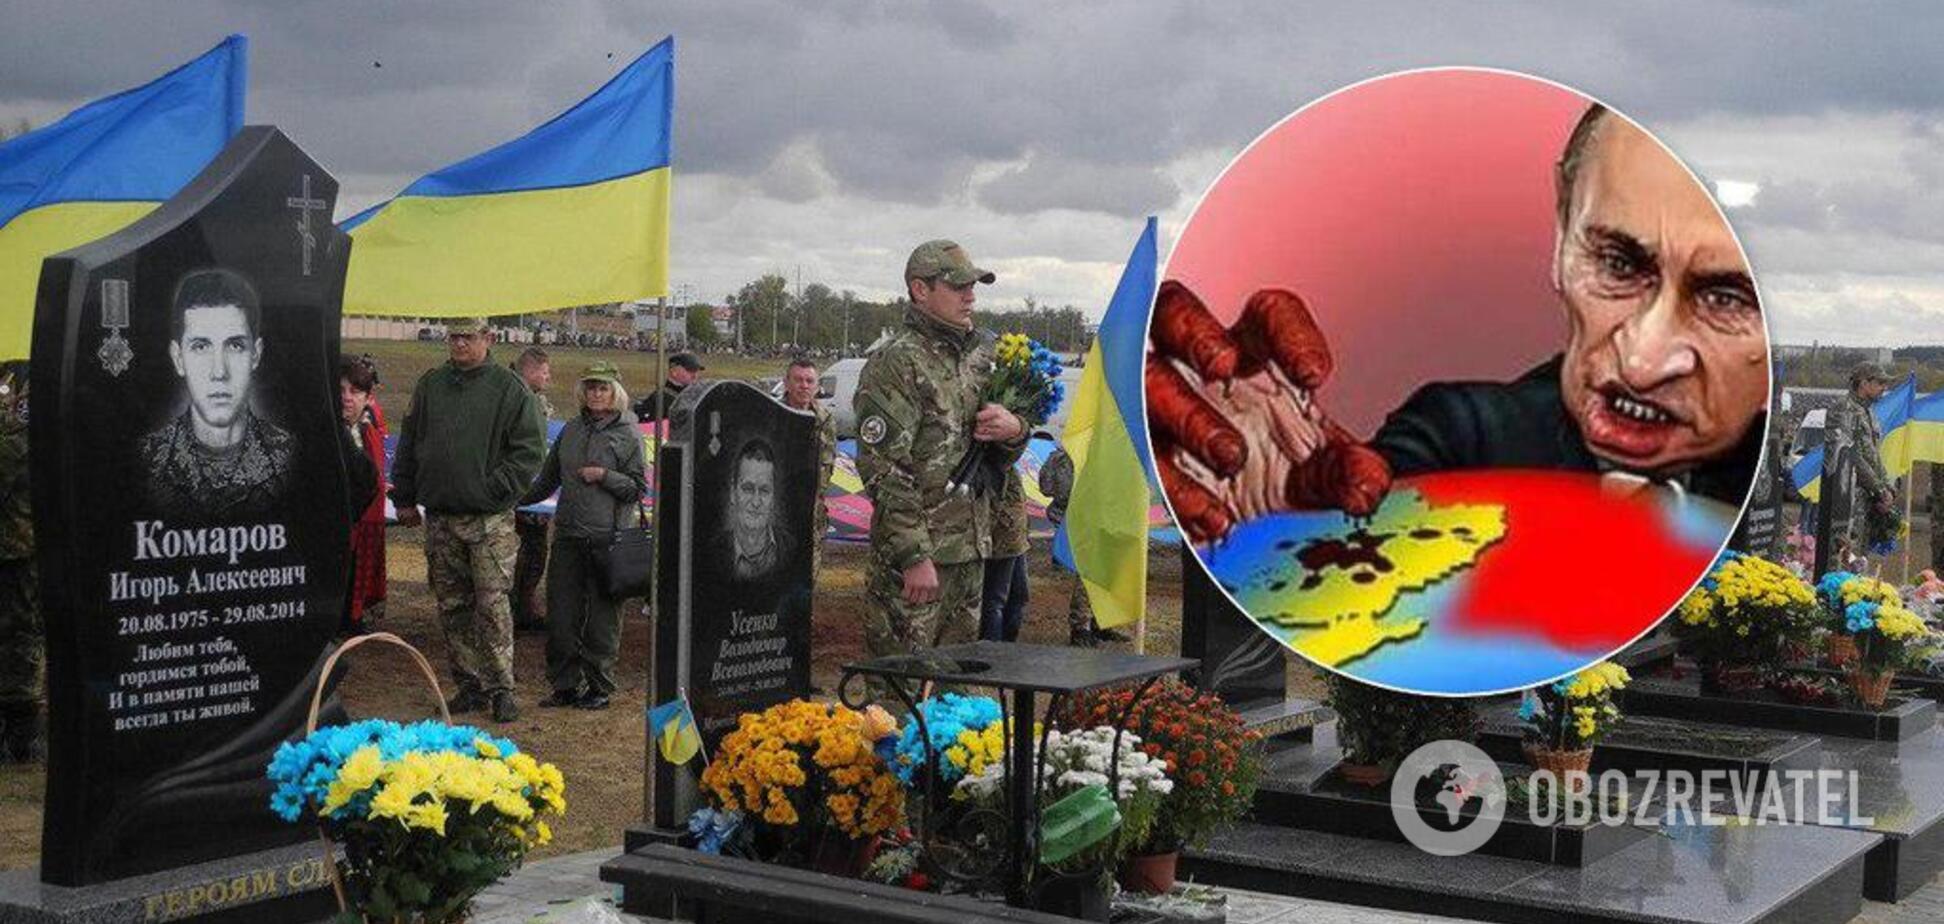 Українці пробачать Росію за вбитих Героїв? Венедиктов зробив цинічну заяву